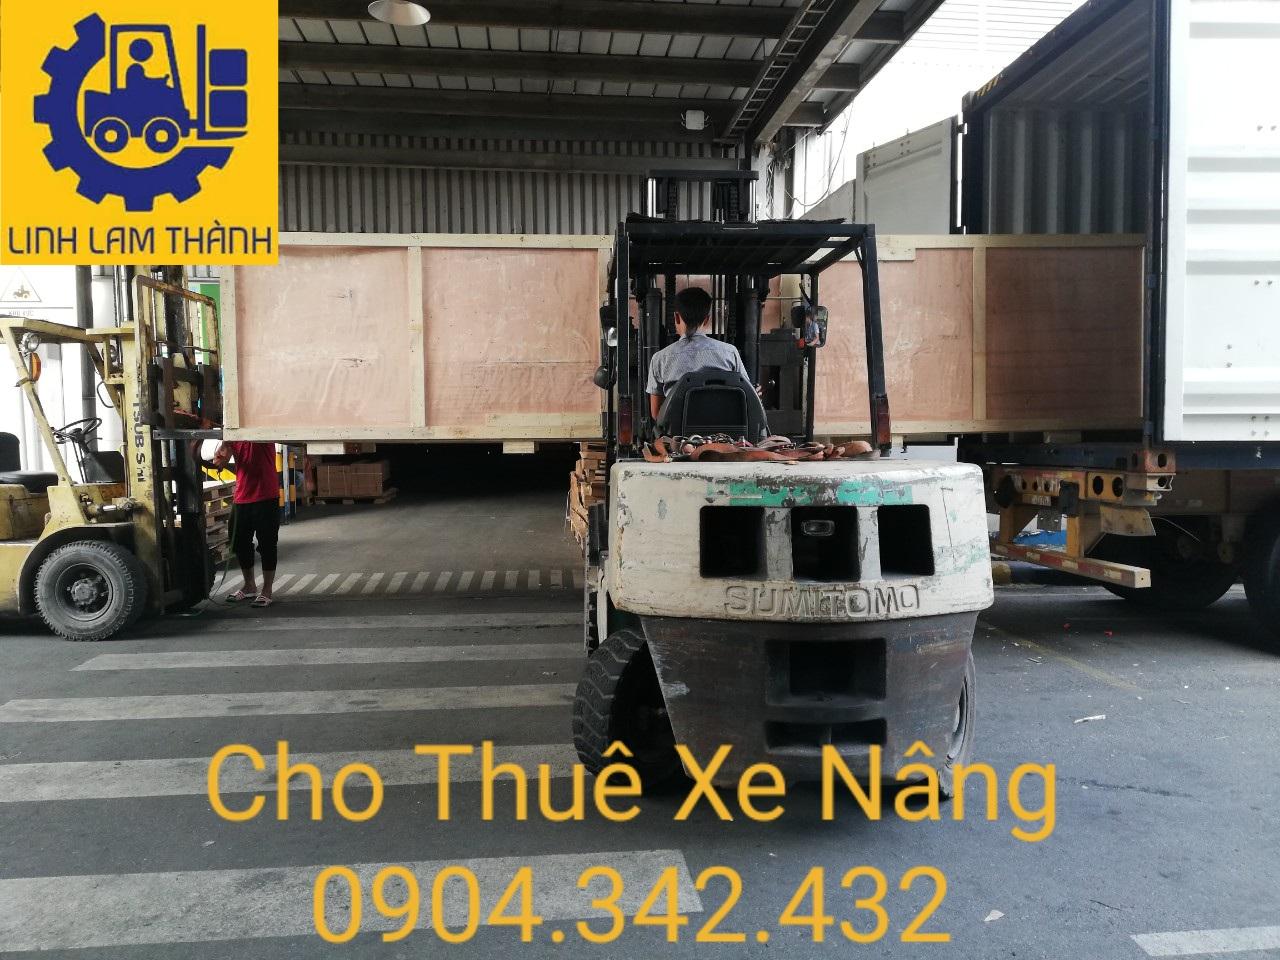 Cho Thuê Xe Nâng 5 Tấn Giá Rẻ Tại Bình Dương ,Đồng Nai , Tp Hồ Chí Minh